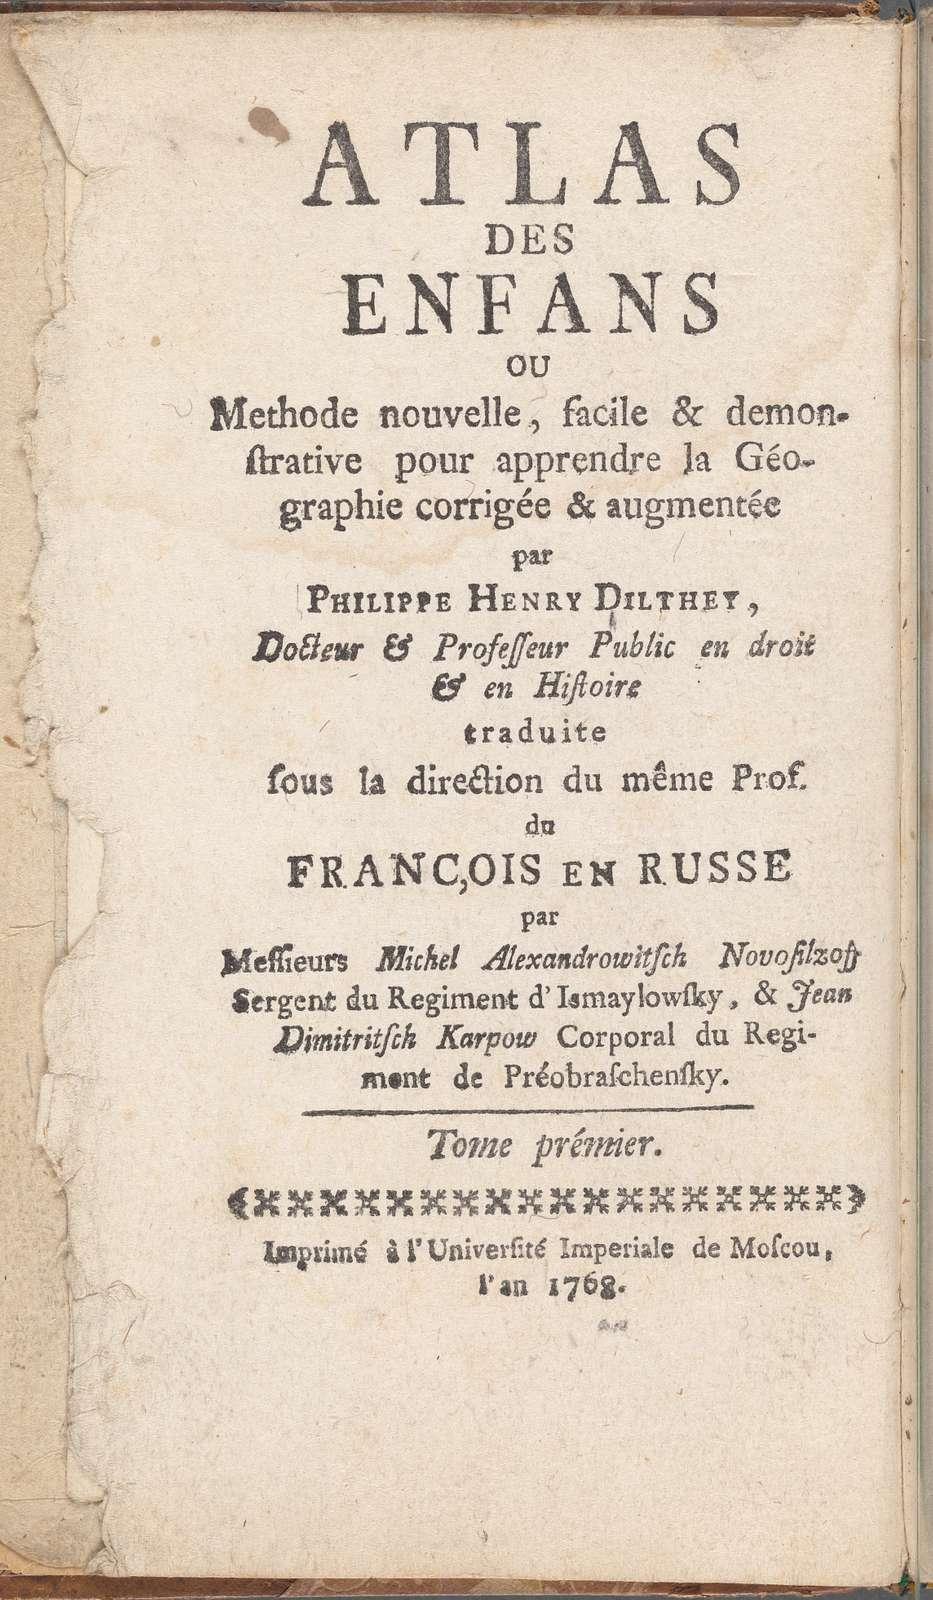 Atlas des enfans..., [French title page]